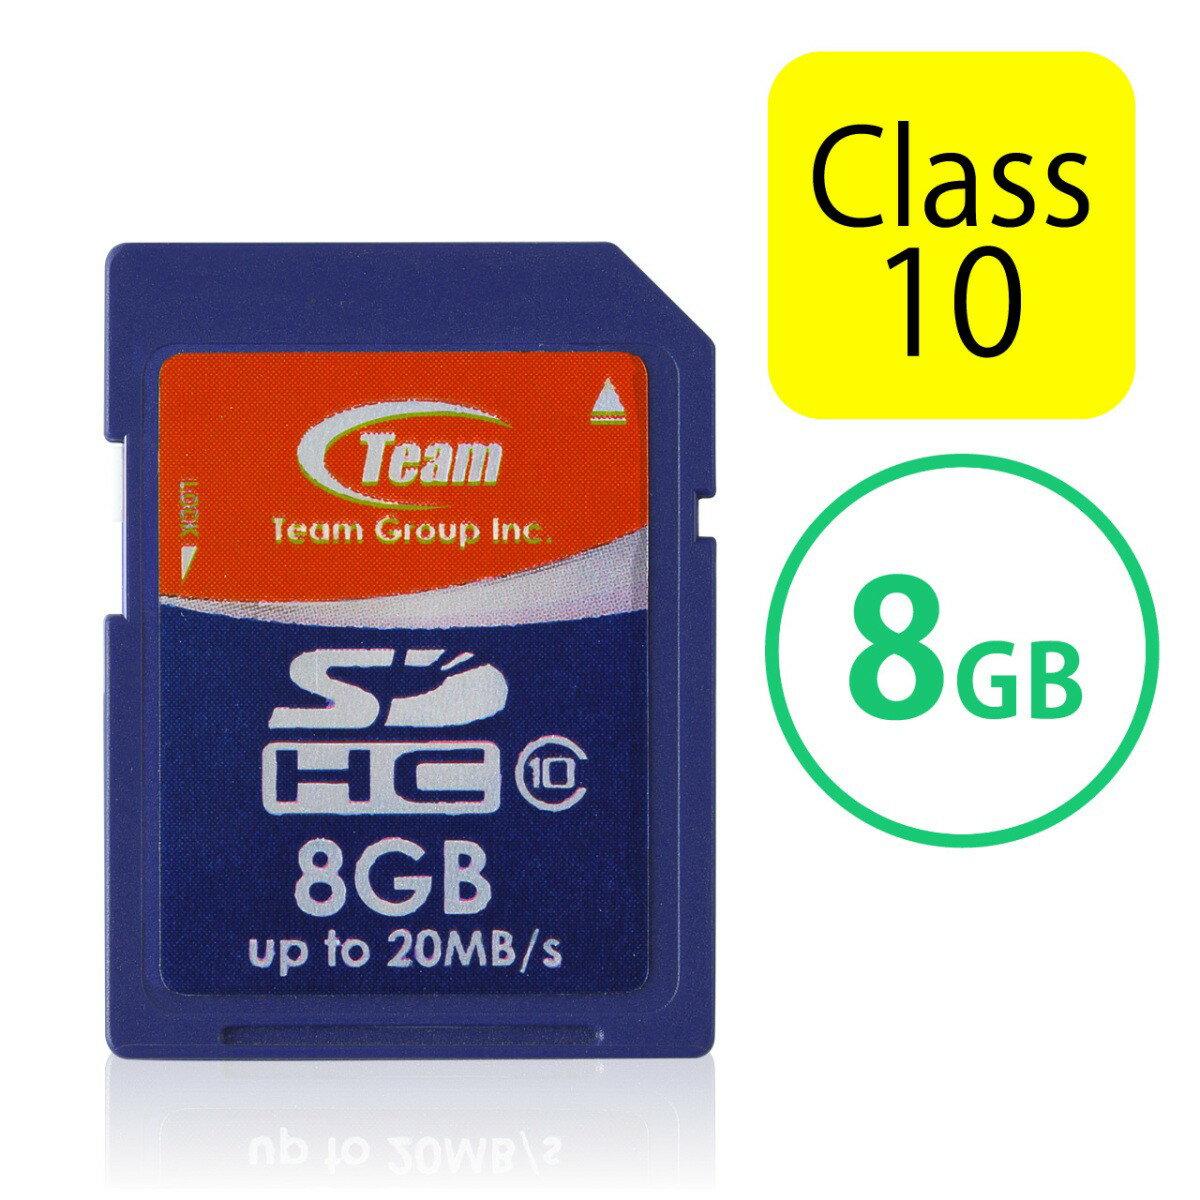 SDカード 8GB Class10 SDHCカード メモリーカード クラス10 入学 卒業[600-HT8G10]【サンワダイレクト限定品】【ネコポス対応】【楽天BOX受取対象商品】